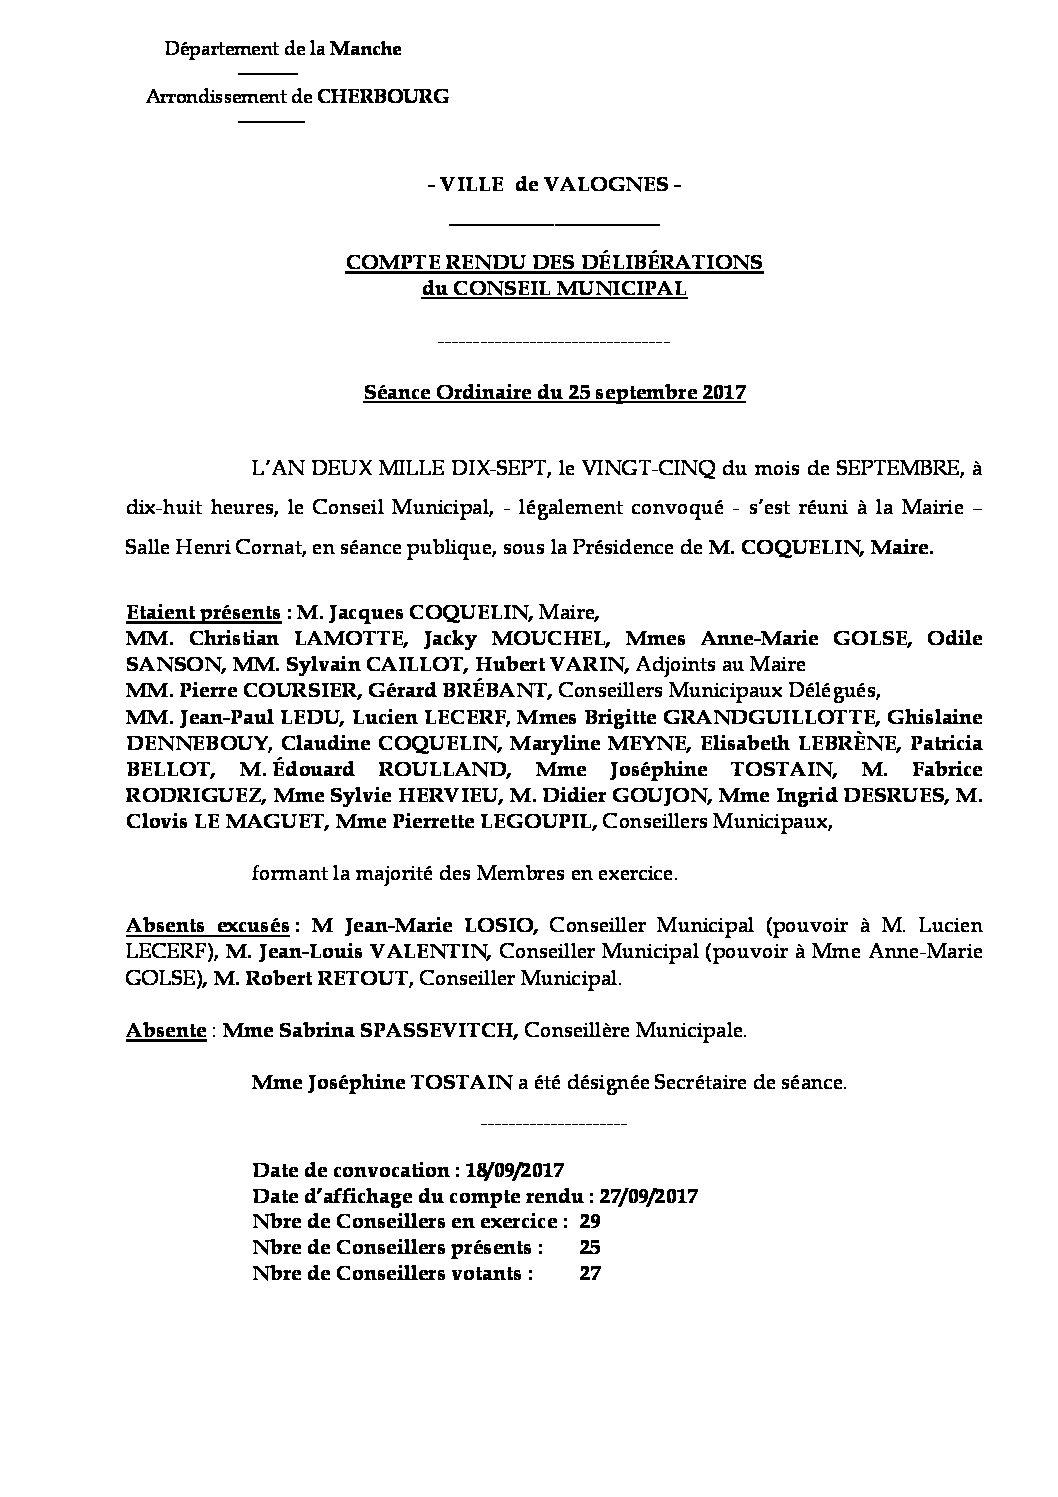 Extrait du registre des délibérations du 25-09-2017 - Compte rendu synthétique des questions soumises à délibération lors de la séance du Conseil Municipal du 25 septembre 2017.